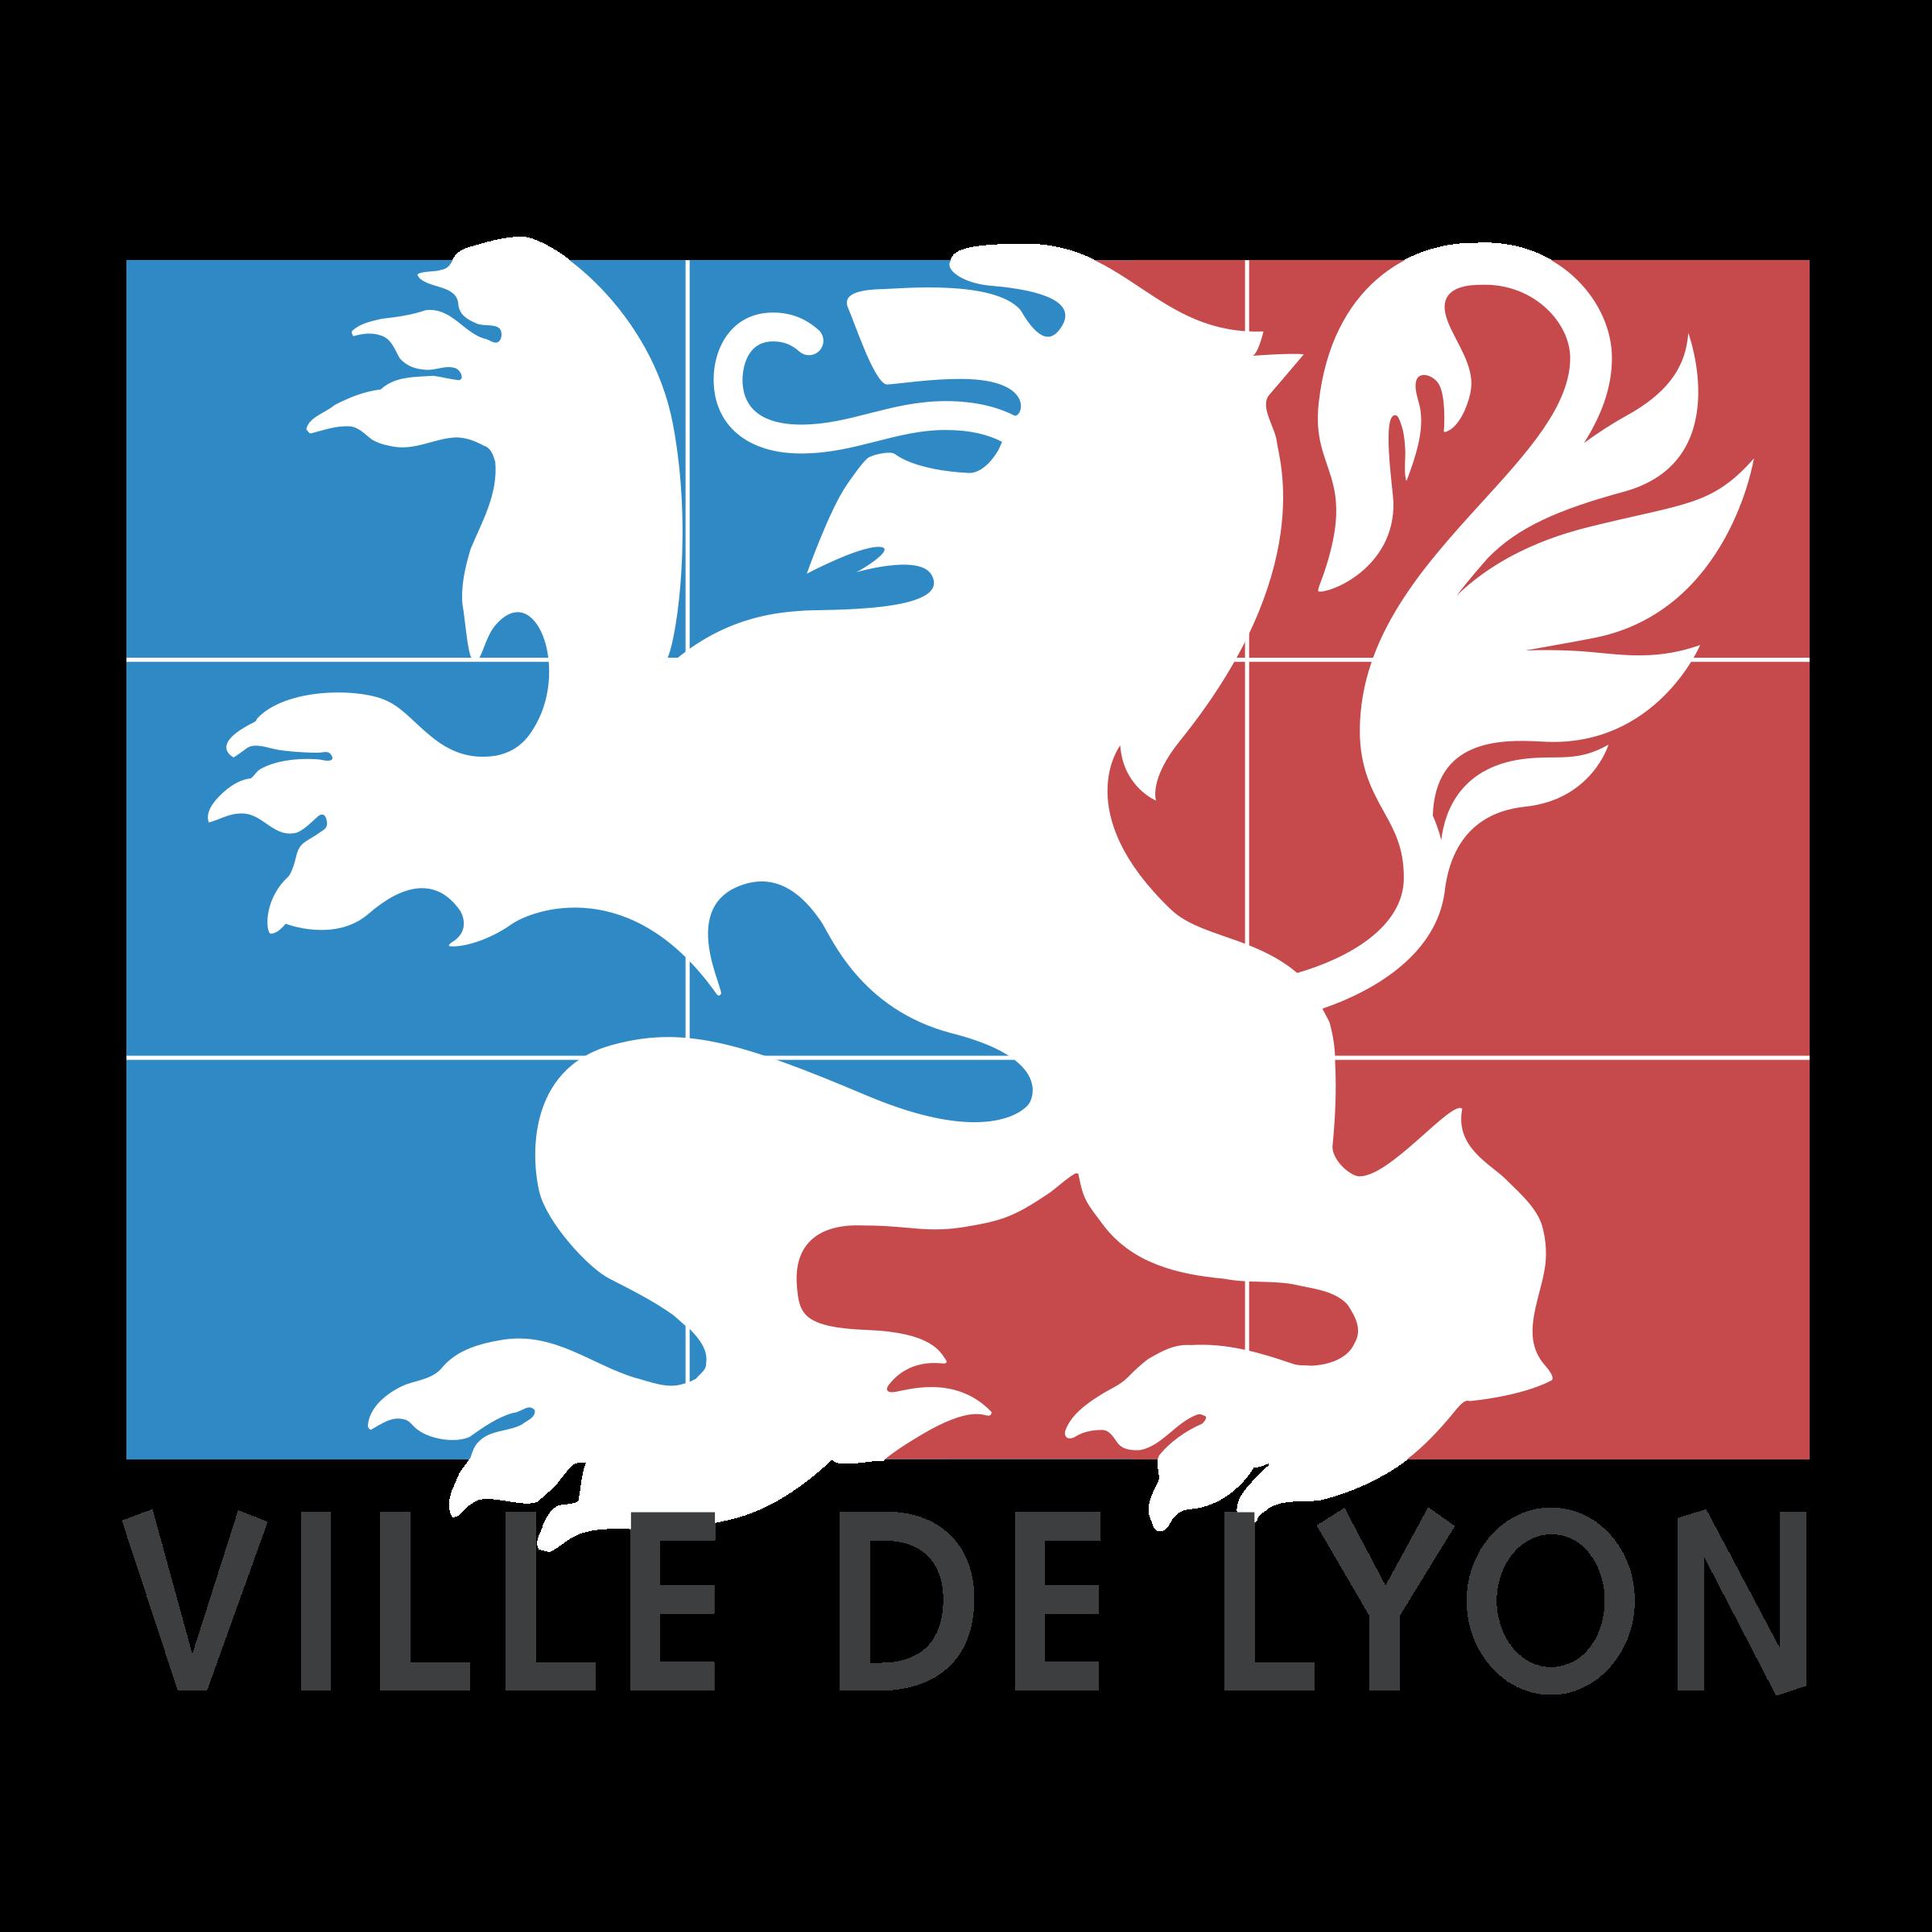 Ville de Lyon Logo PNG Transparent & SVG Vector.